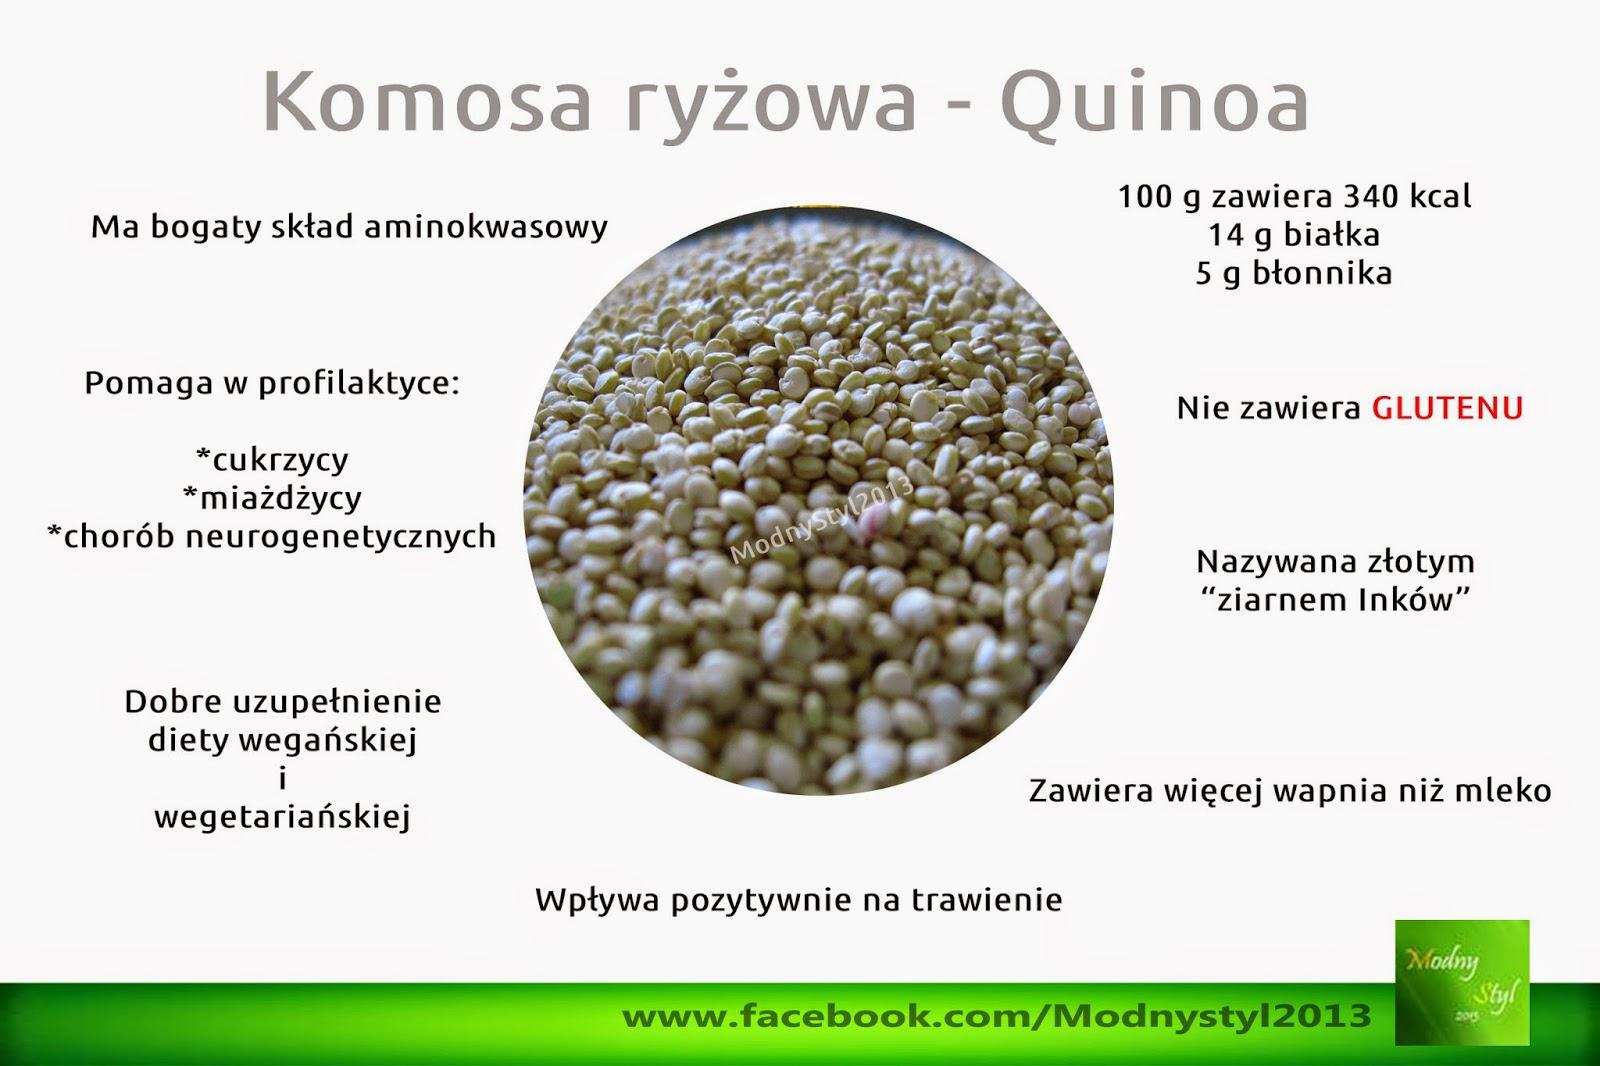 Quinoa, czyli komosa ryżowa